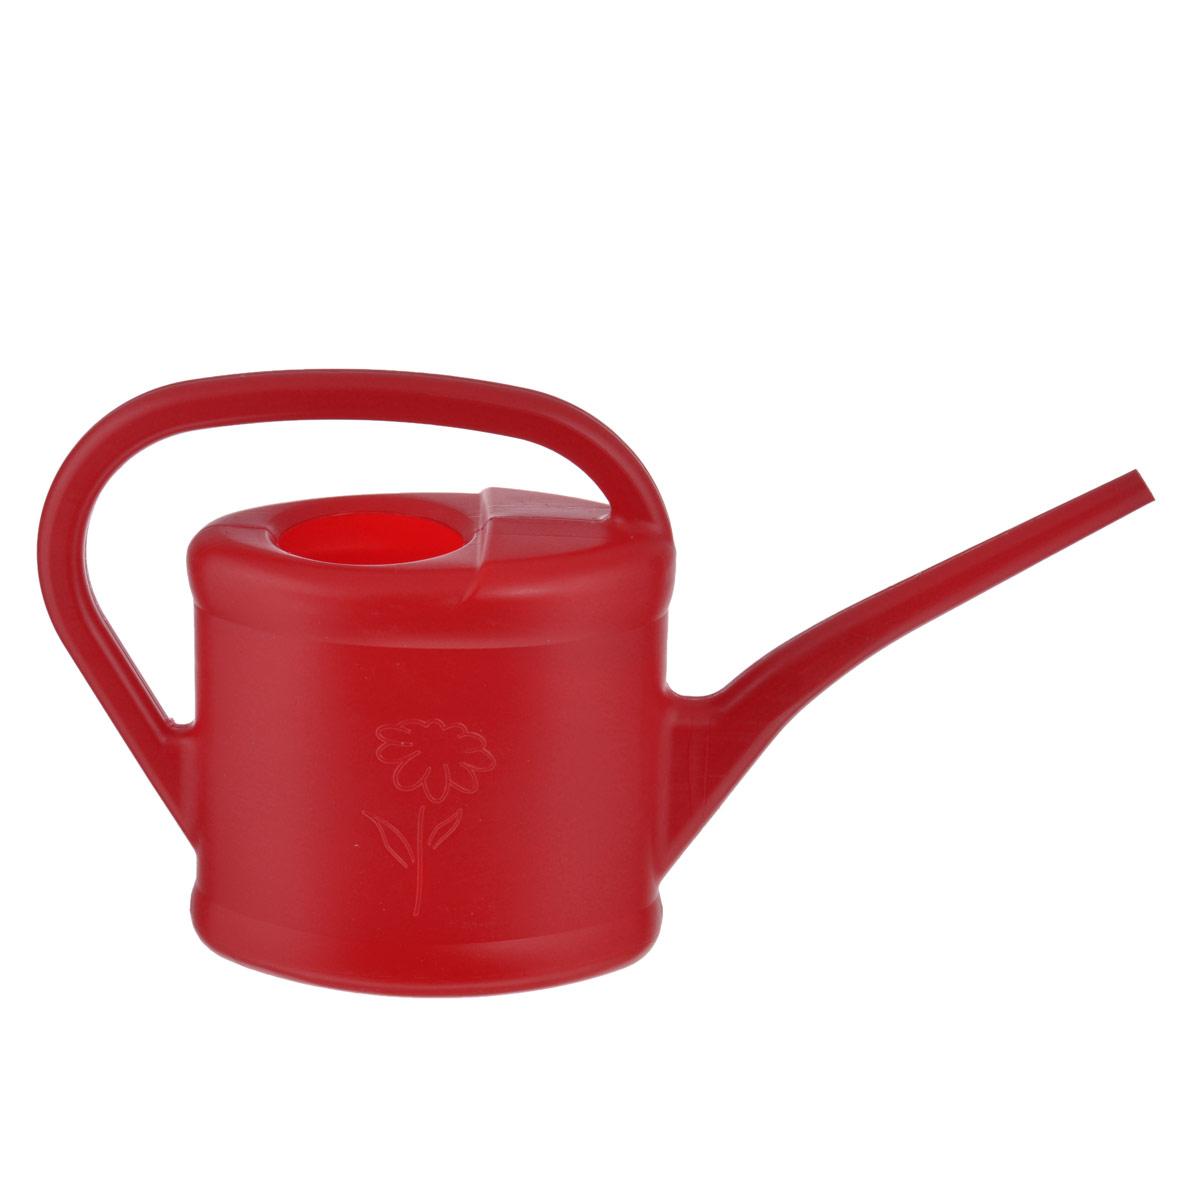 Лейка садовая Калита, цвет: красный, 2 л67505Садовая лейка Калита представляет собой компактный инструмент для полива насаждений на приусадебном участке. Выполнена из пластика. Обладает легкой конструкцией для продолжительной и комфортной работы. Она пригодится как для работы в саду, там и для полива домашних цветов.